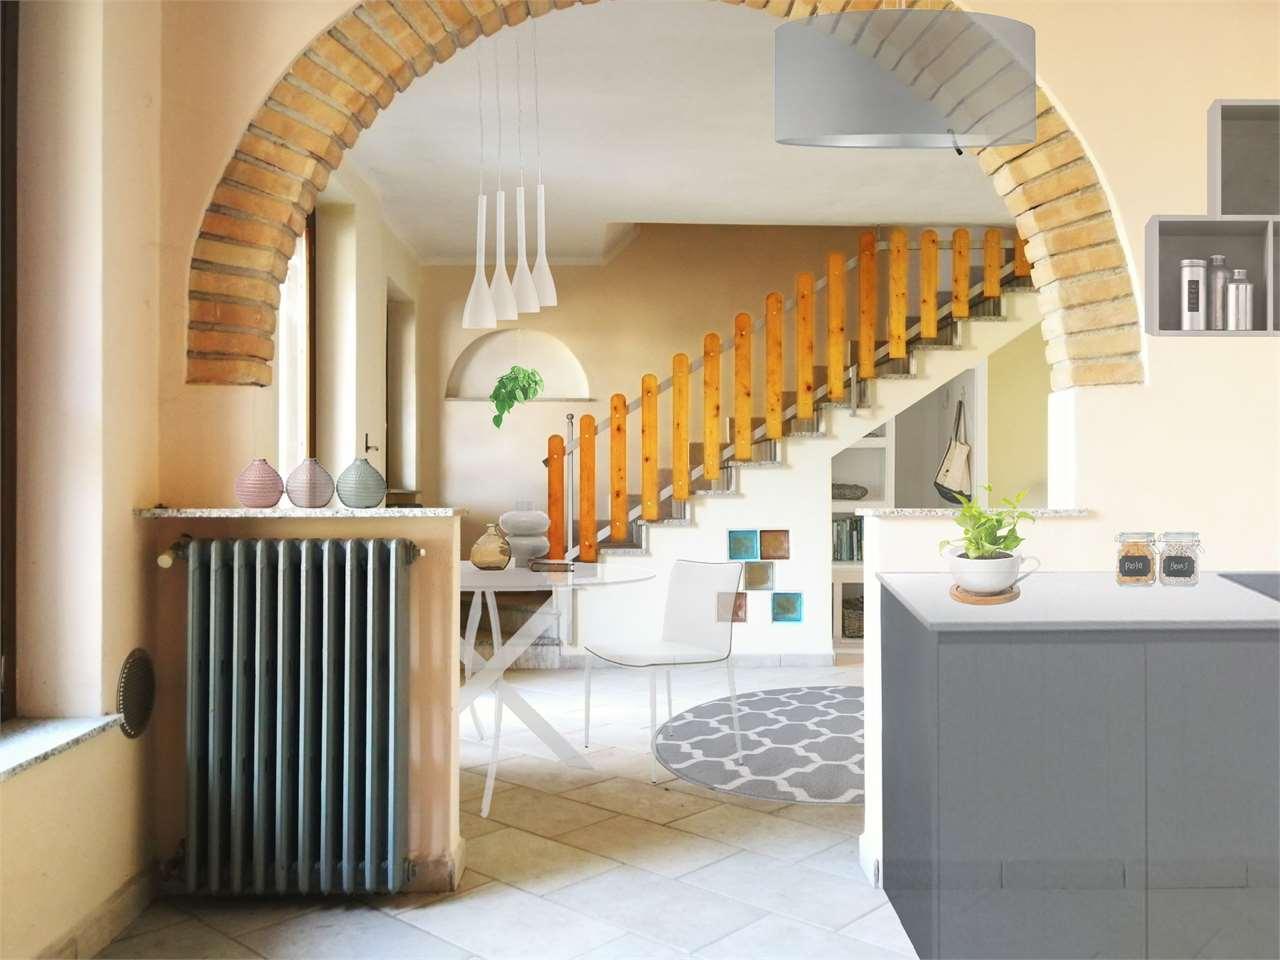 Appartamento in vendita a Sumirago, 4 locali, prezzo € 140.000 | CambioCasa.it